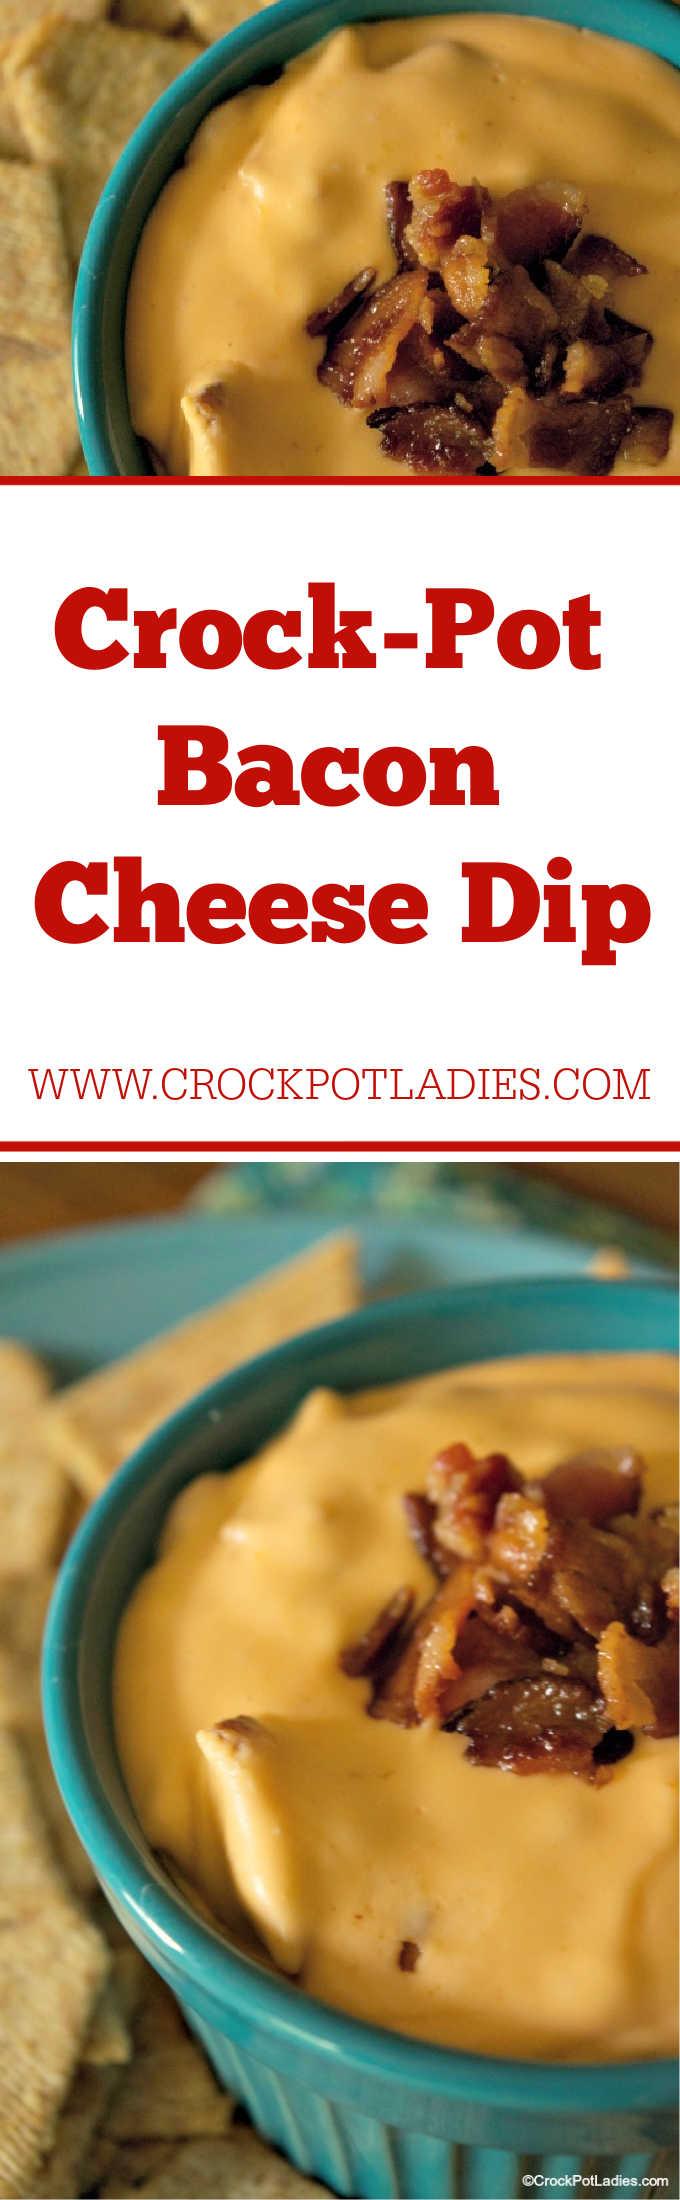 Crock-Pot Bacon Cheese Dip